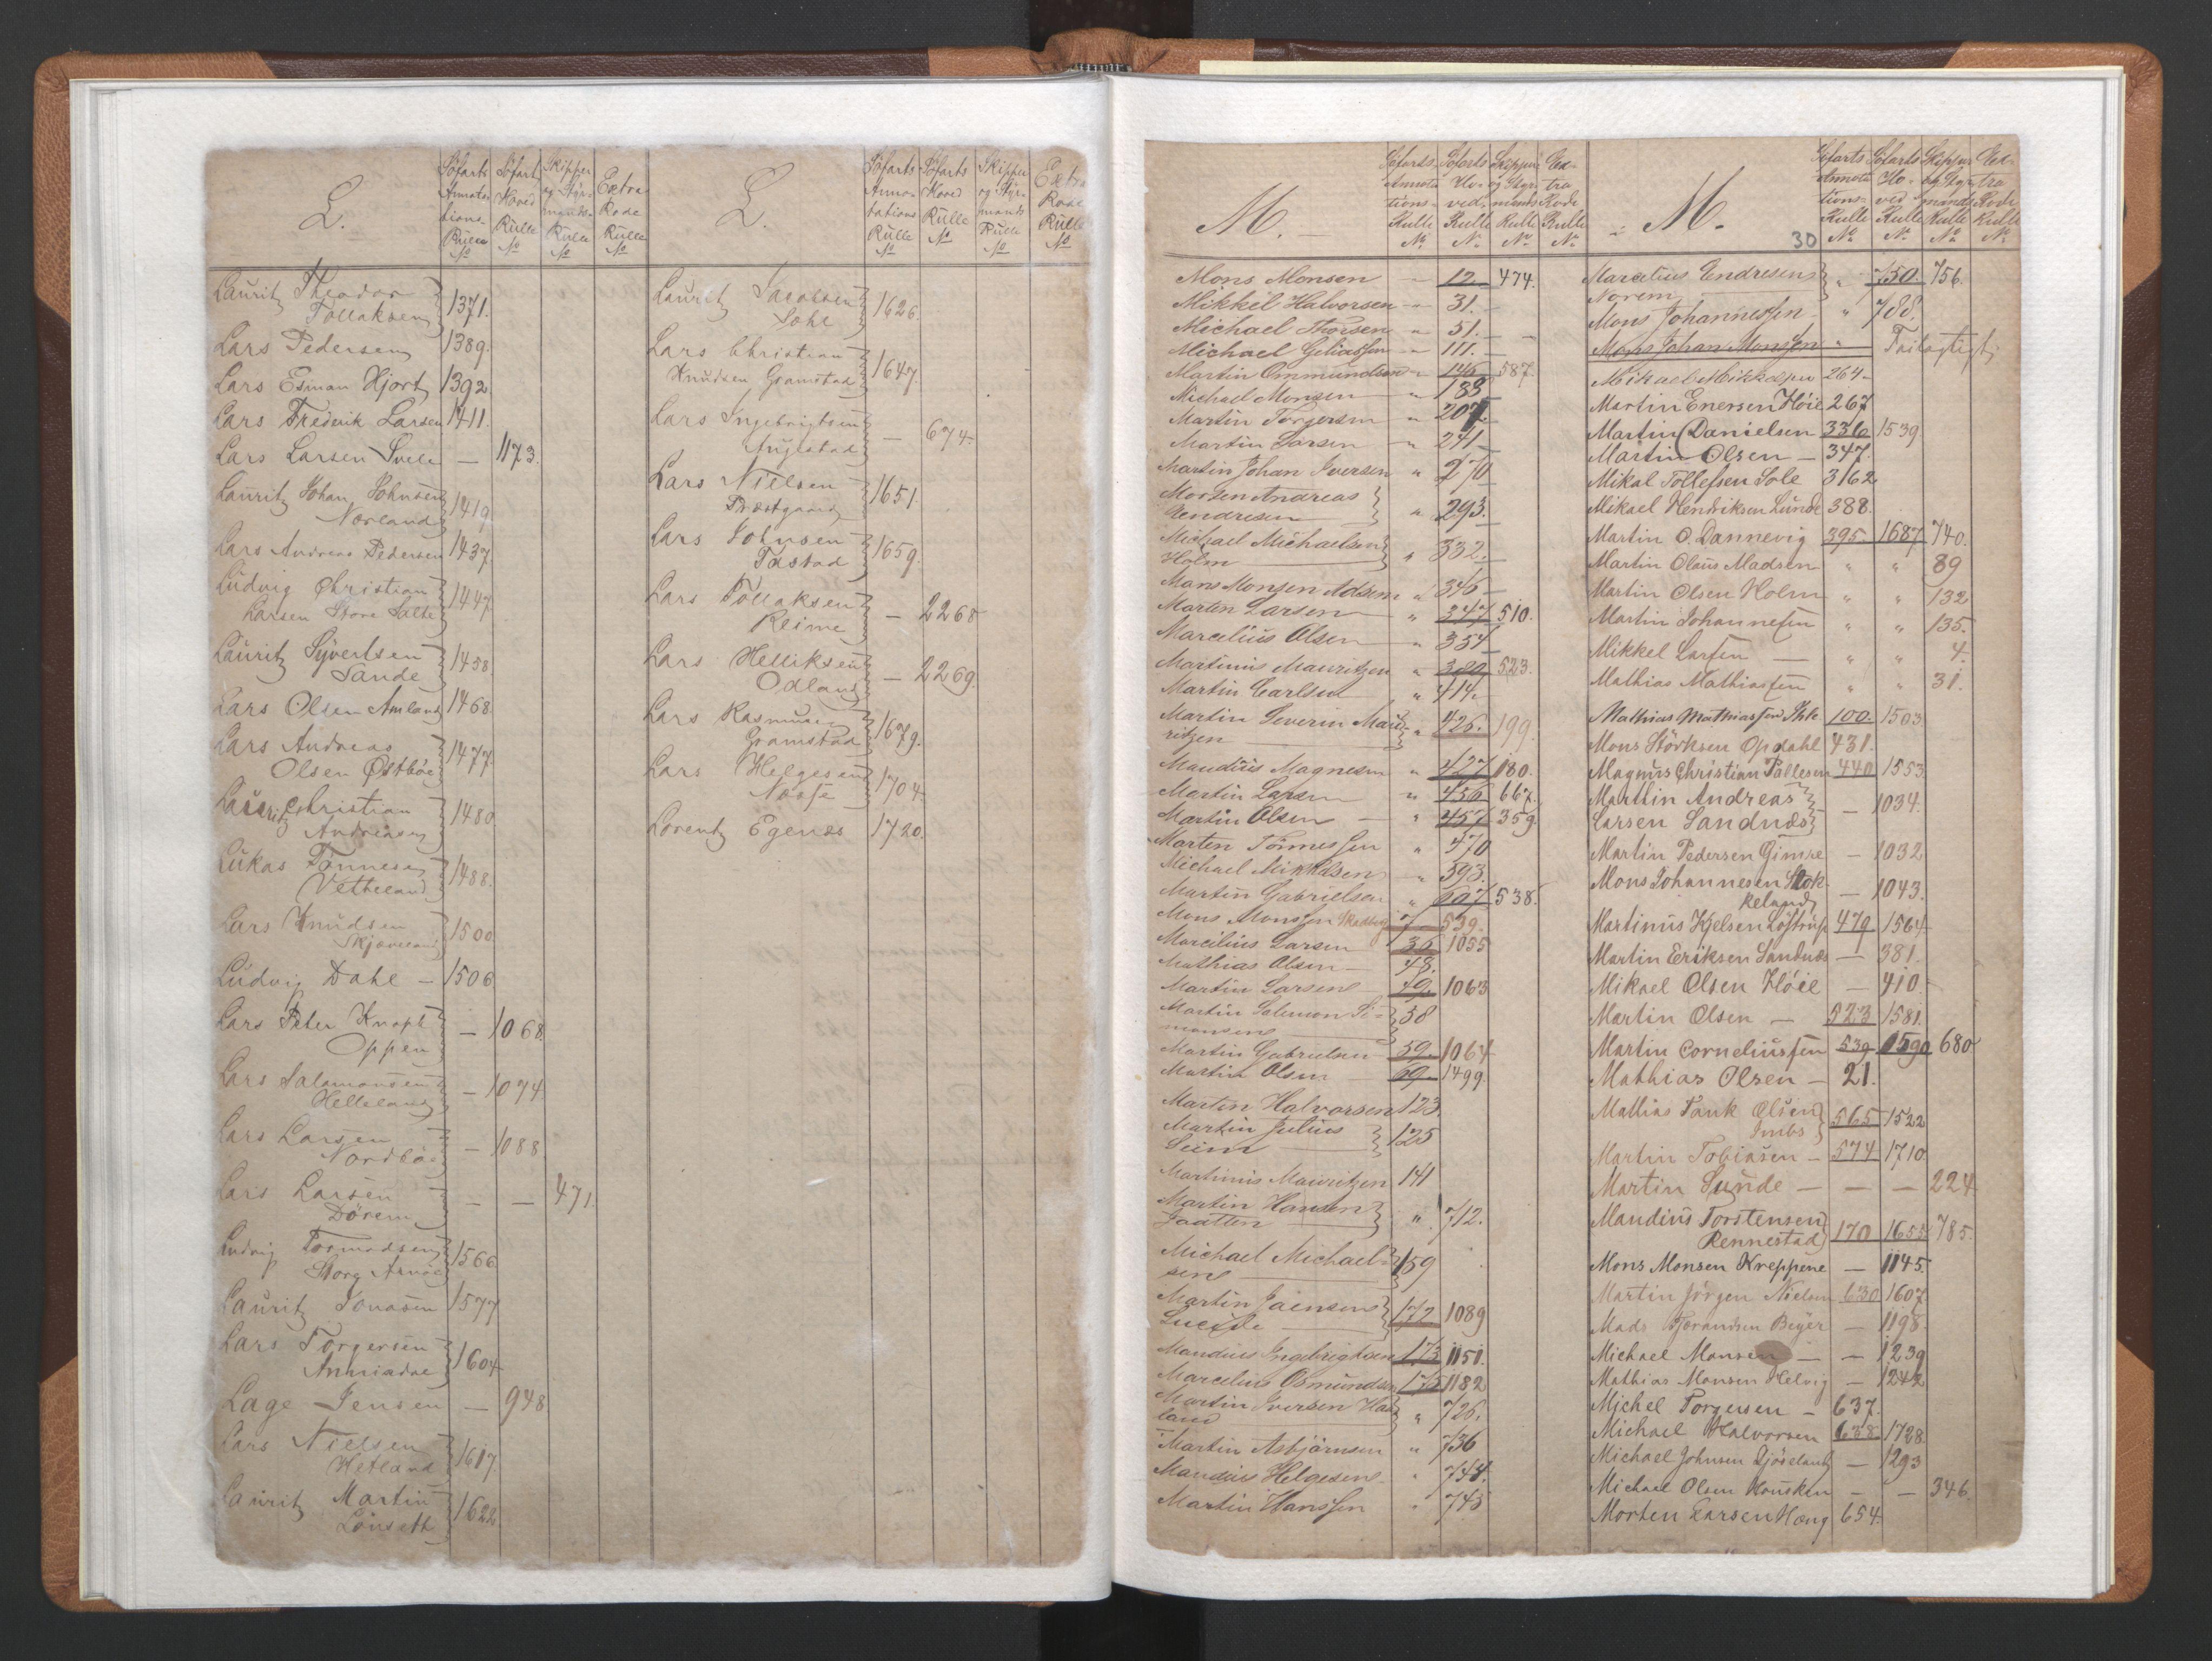 SAST, Stavanger sjømannskontor, F/Fb/Fba/L0002: Navneregister sjøfartsruller, 1860-1869, s. 31